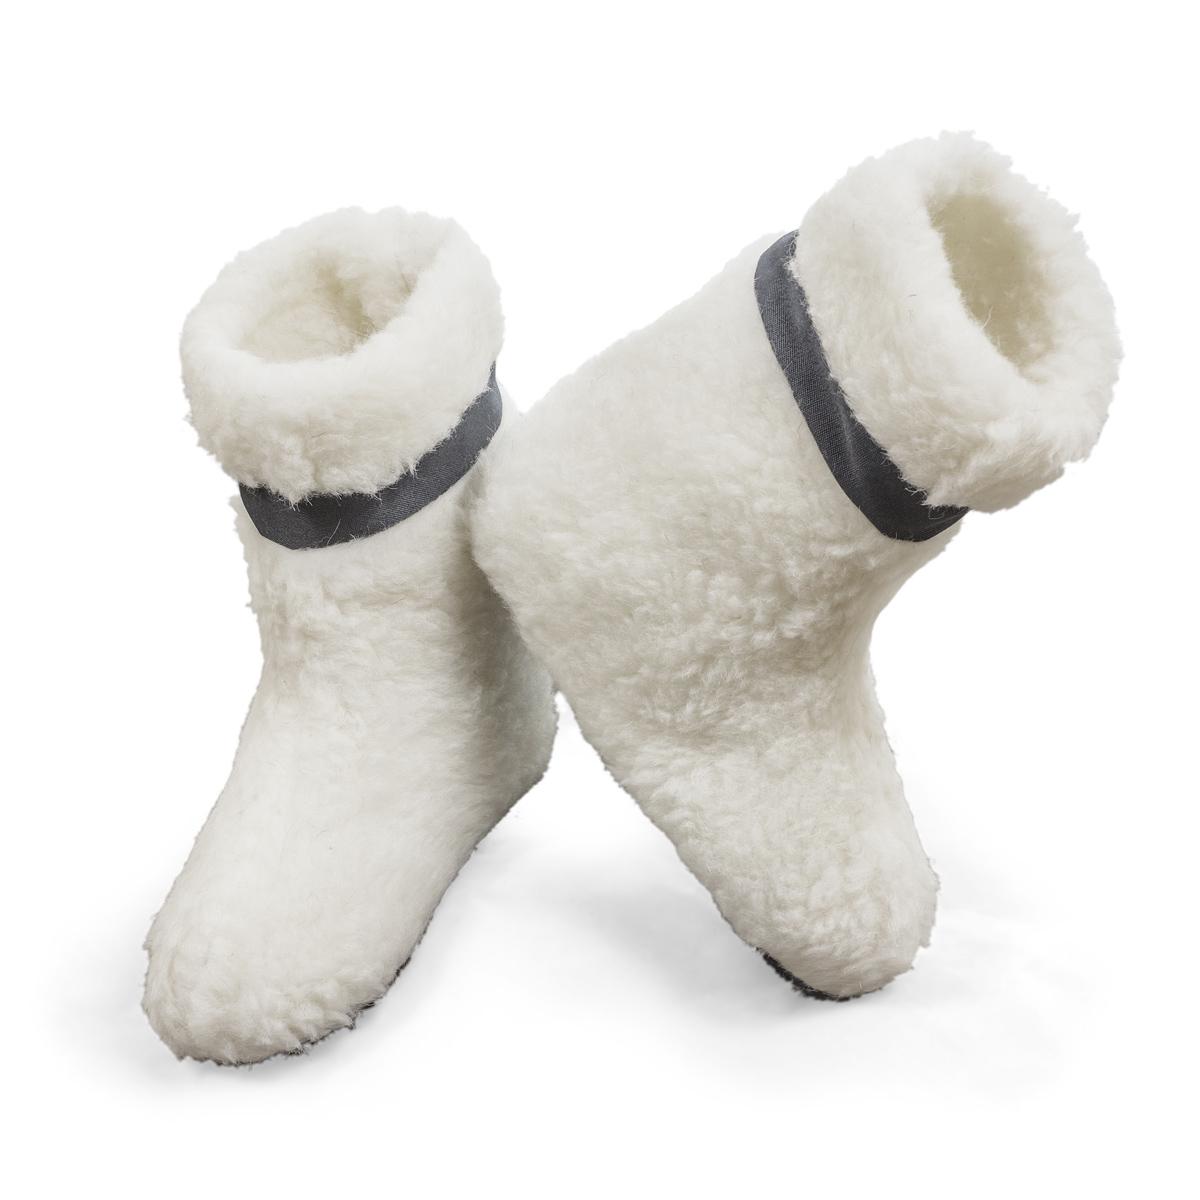 Обувь Овечки р. 40-41Согревающий<br>Длина стельки: 28 см<br><br>Тип: Обувь<br>Размер: 40-41<br>Материал: Овечья шерсть